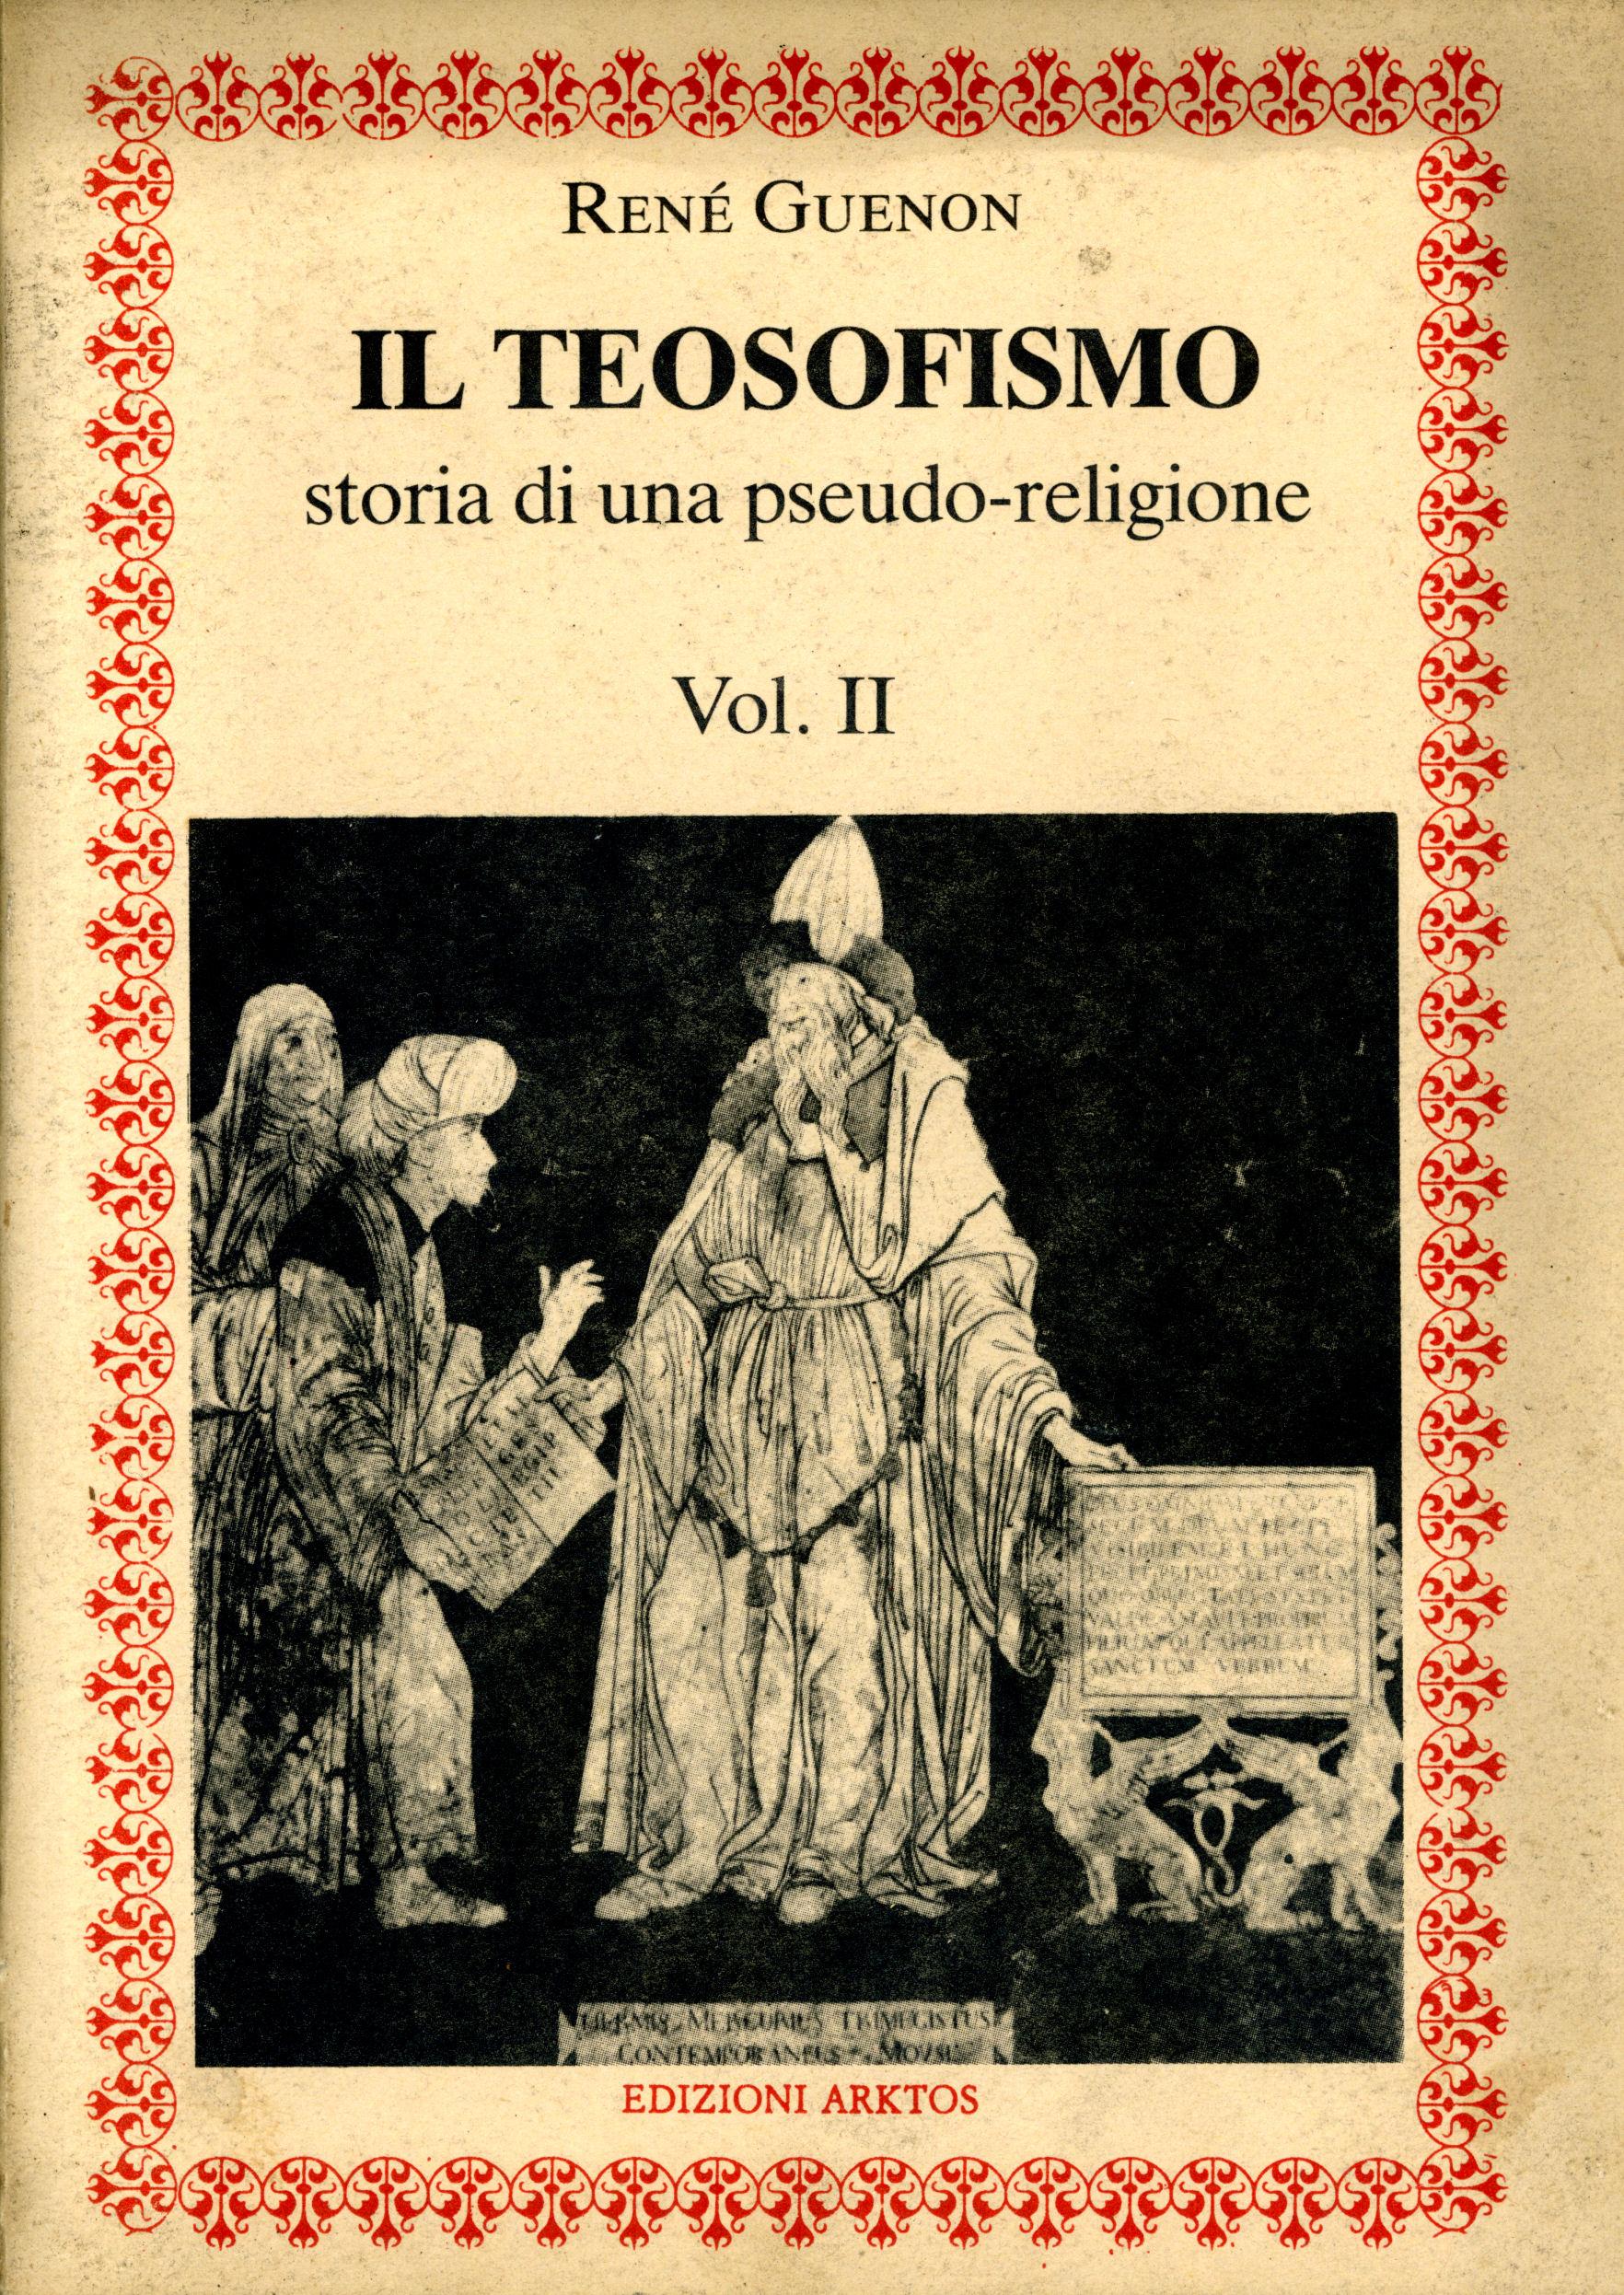 Il teosofismo - Vol II